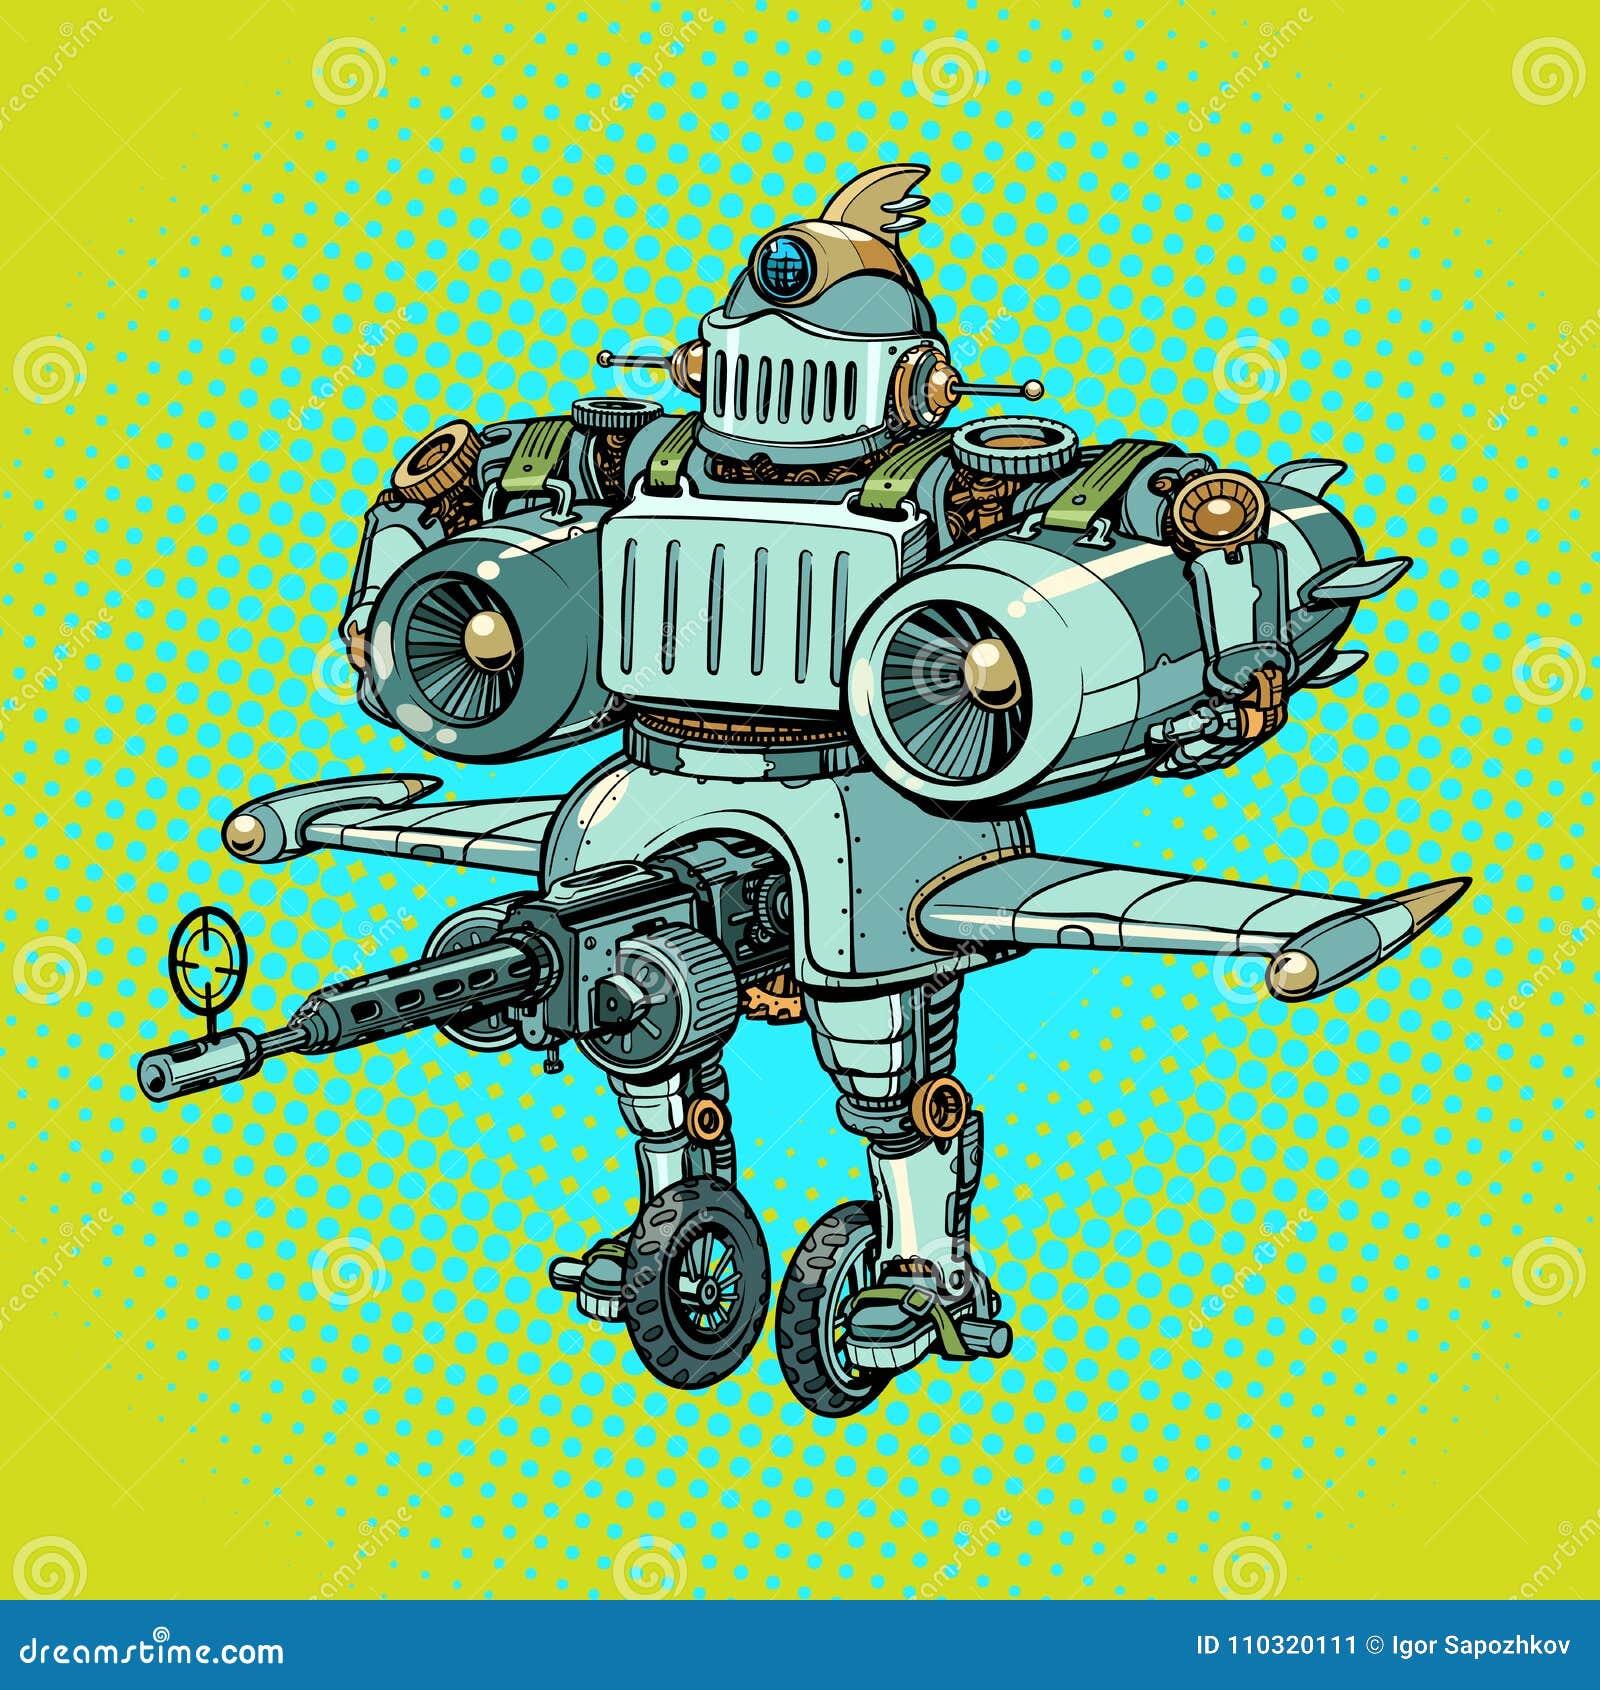 Belachelijke grappige slag militaire robot in retro stijl